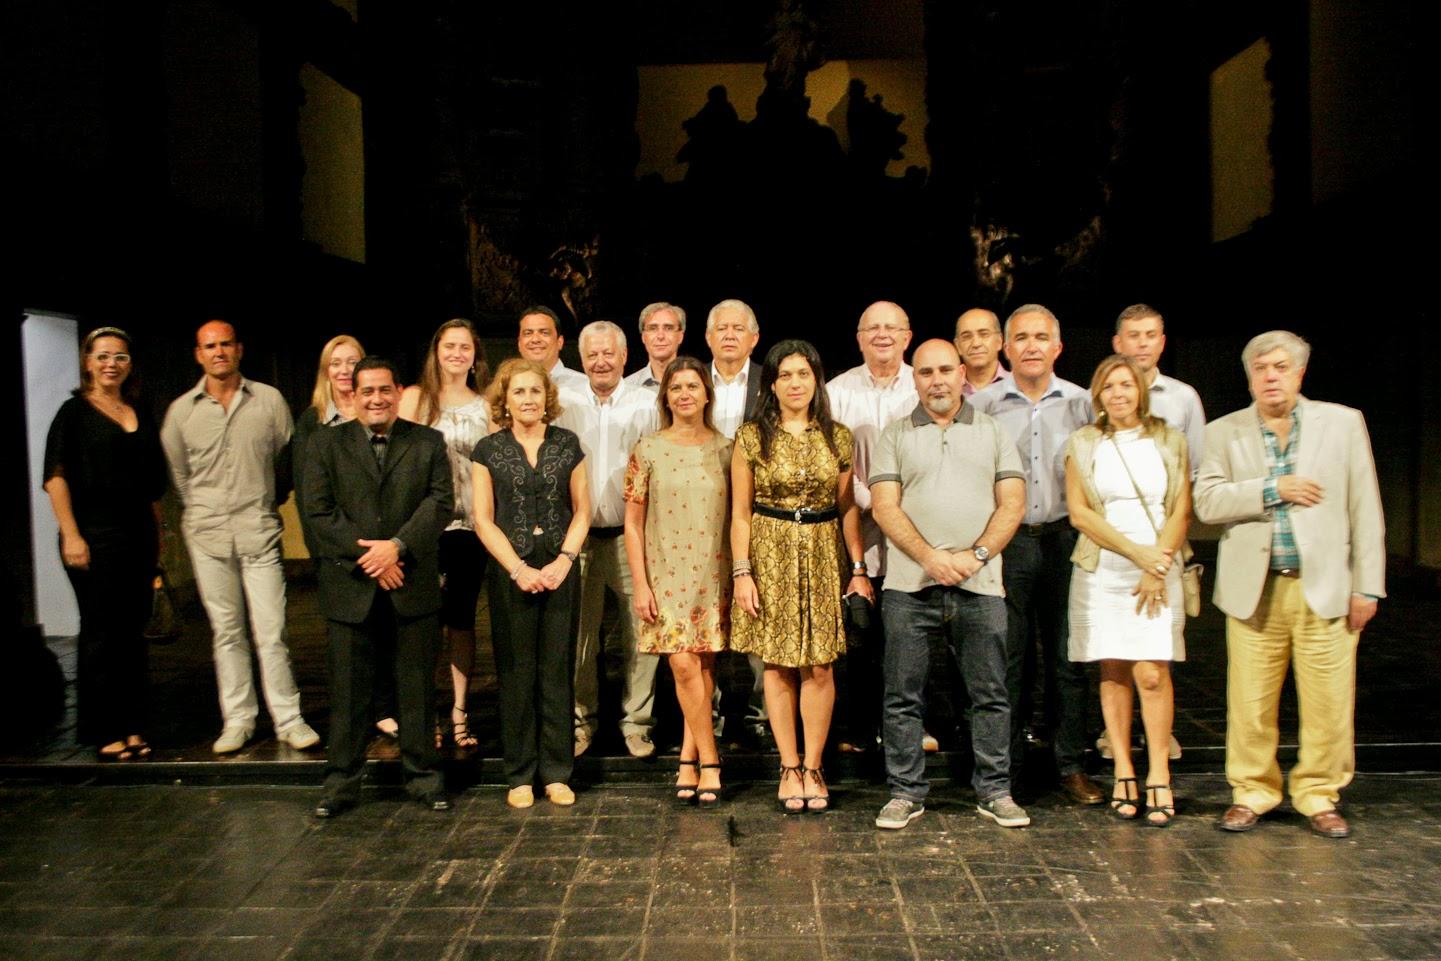 Os executivos representaram os 15 países europeus emissores de turistas ao Brasil via TAP Foto: Thiago Figueira - Patatur